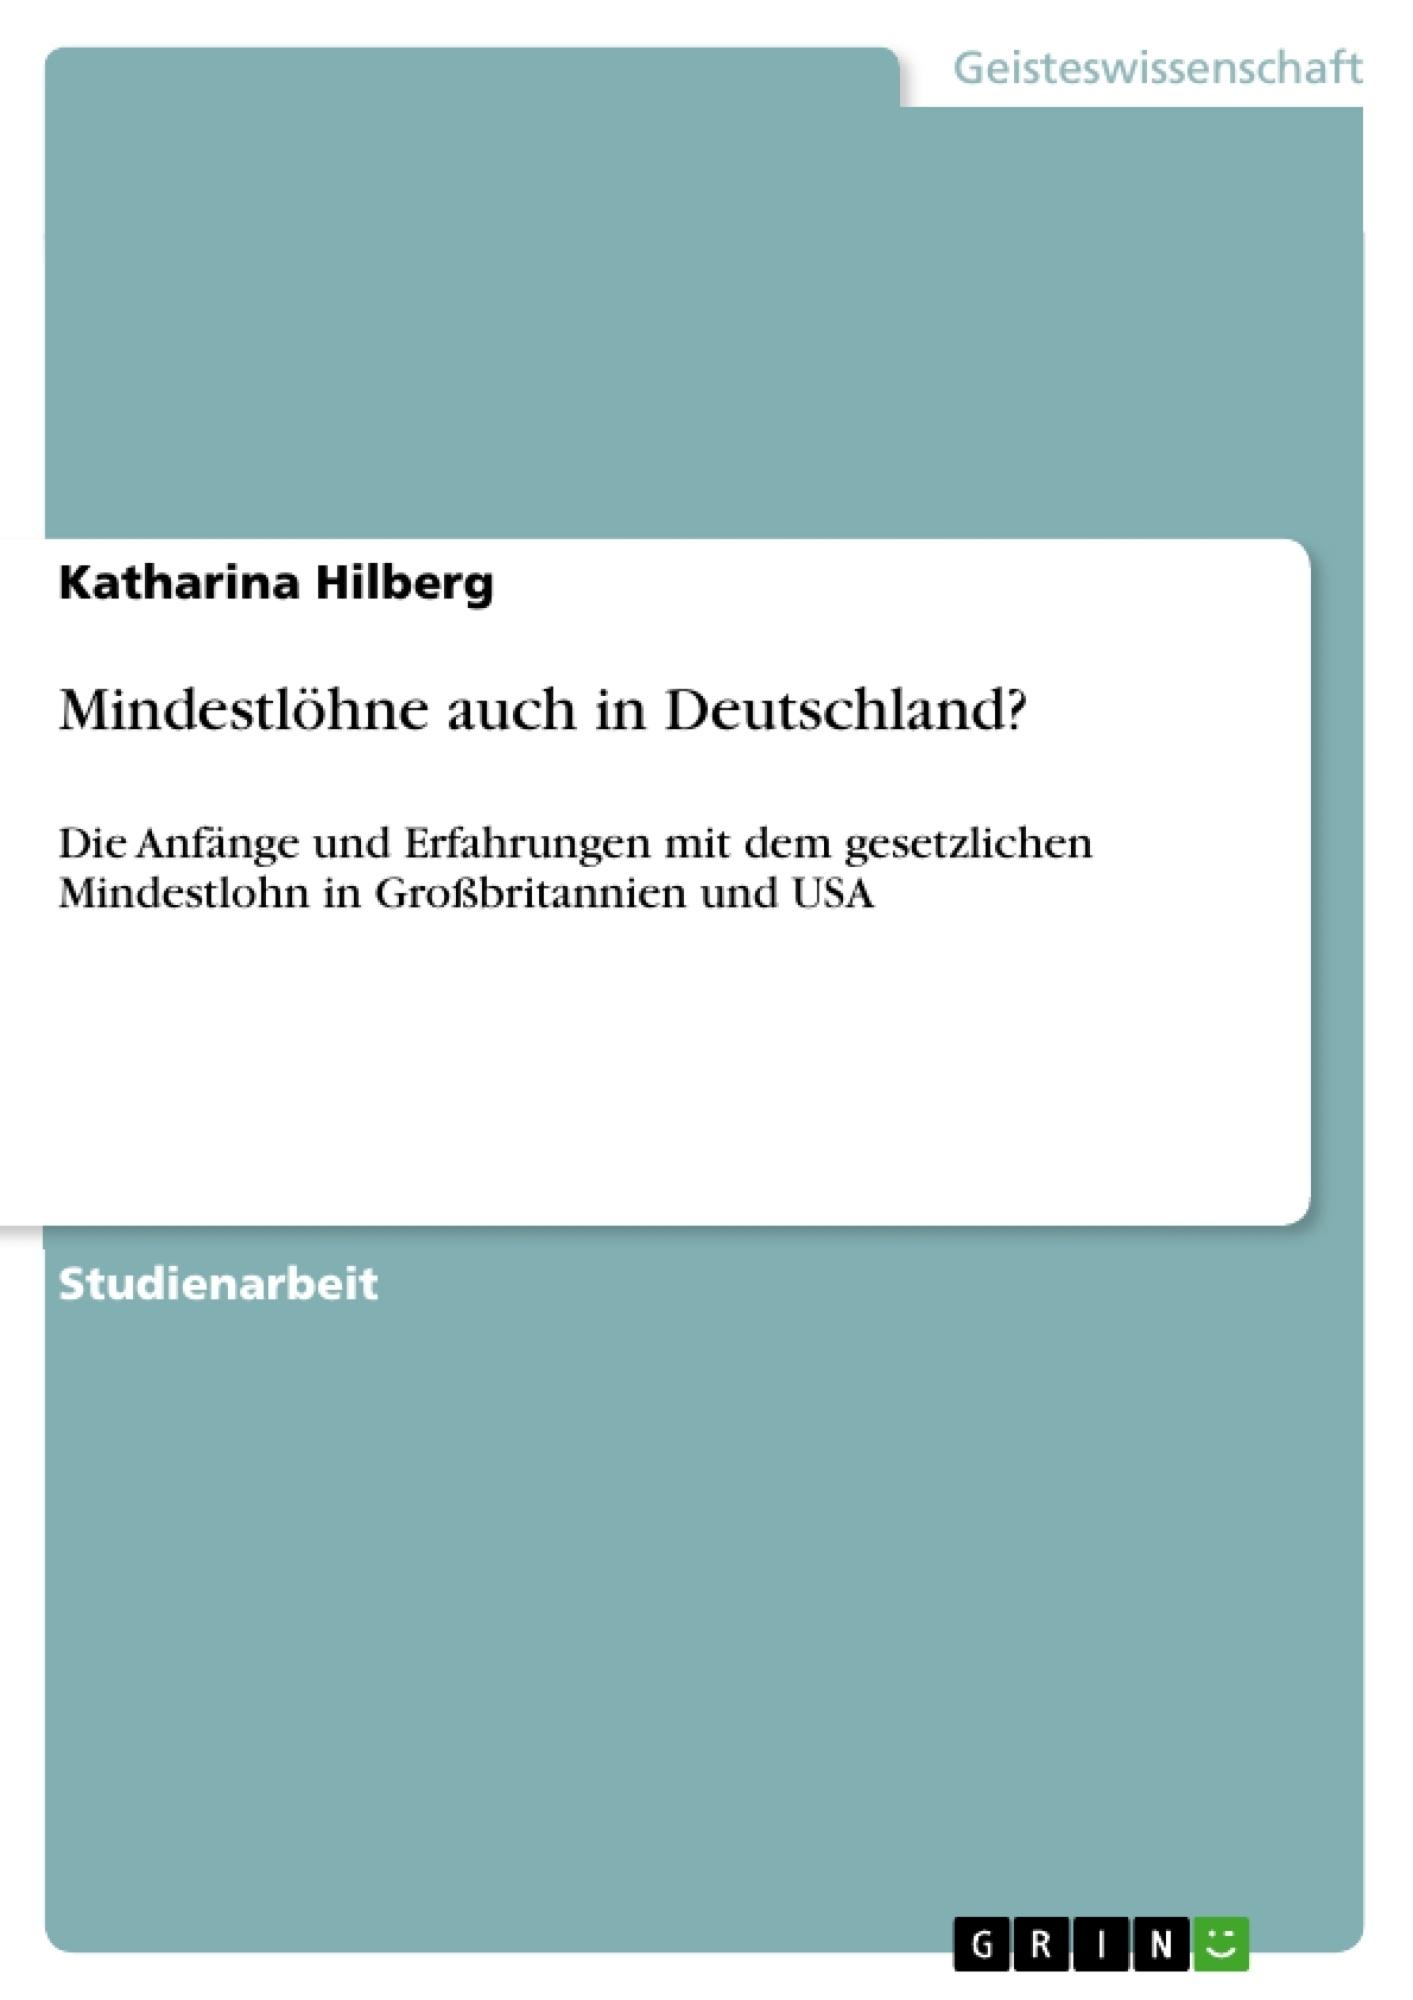 Titel: Mindestlöhne auch in Deutschland?